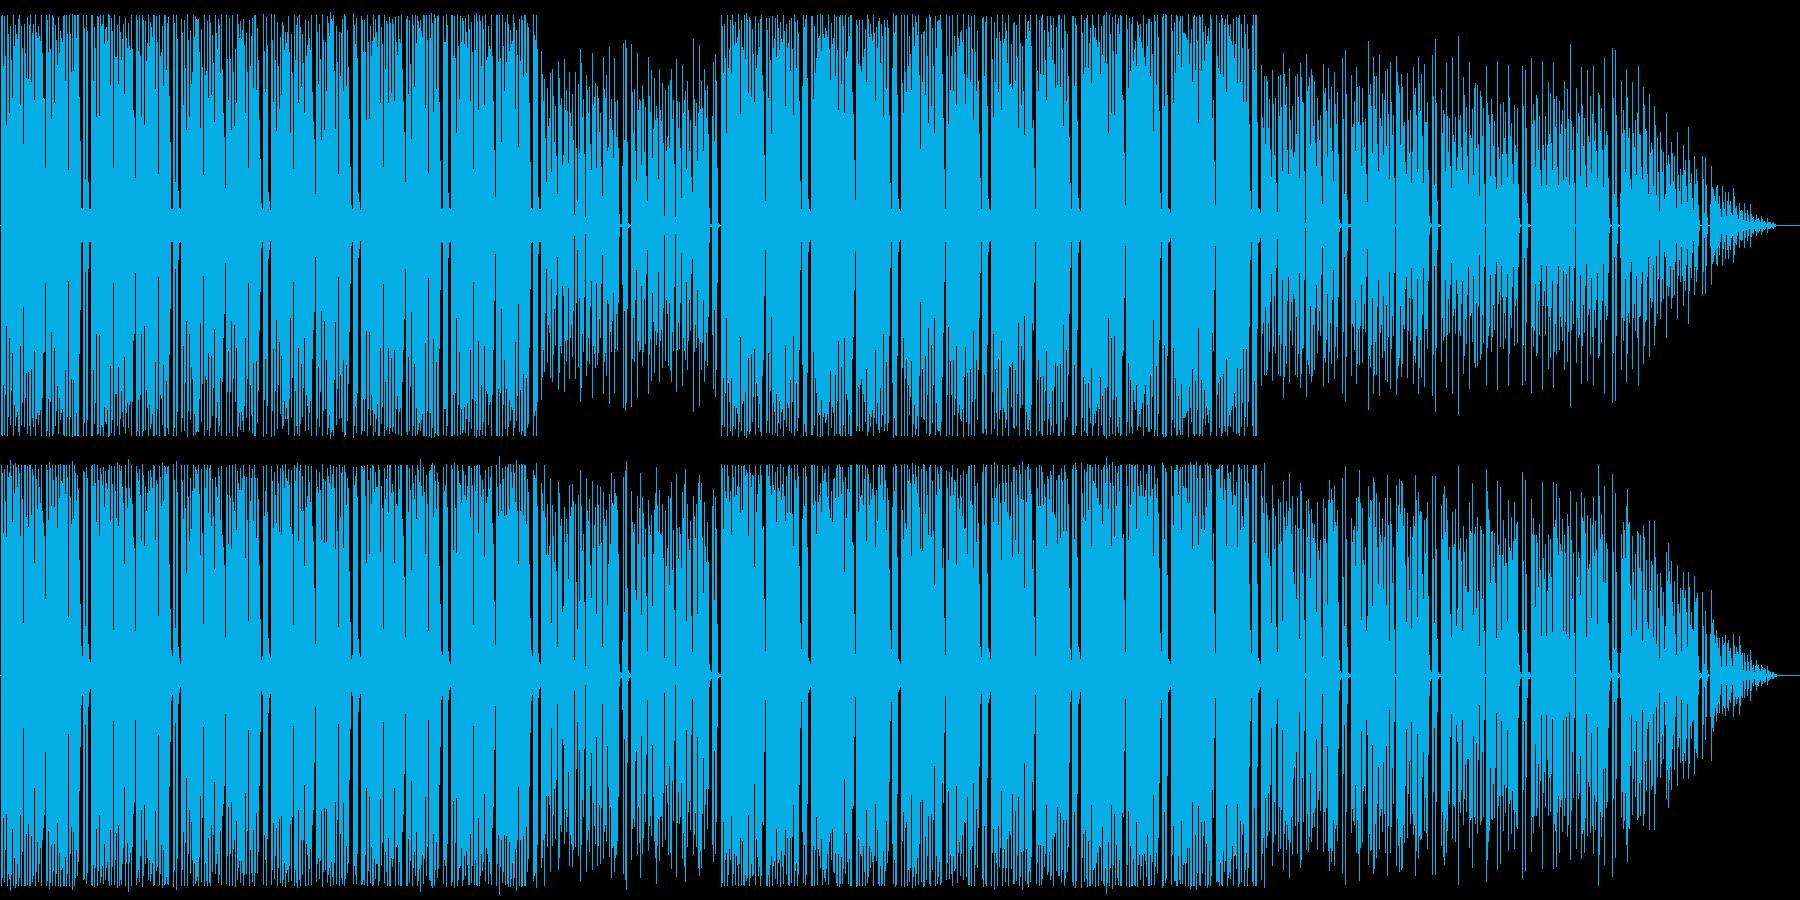 心がホップする軽快な音楽の再生済みの波形